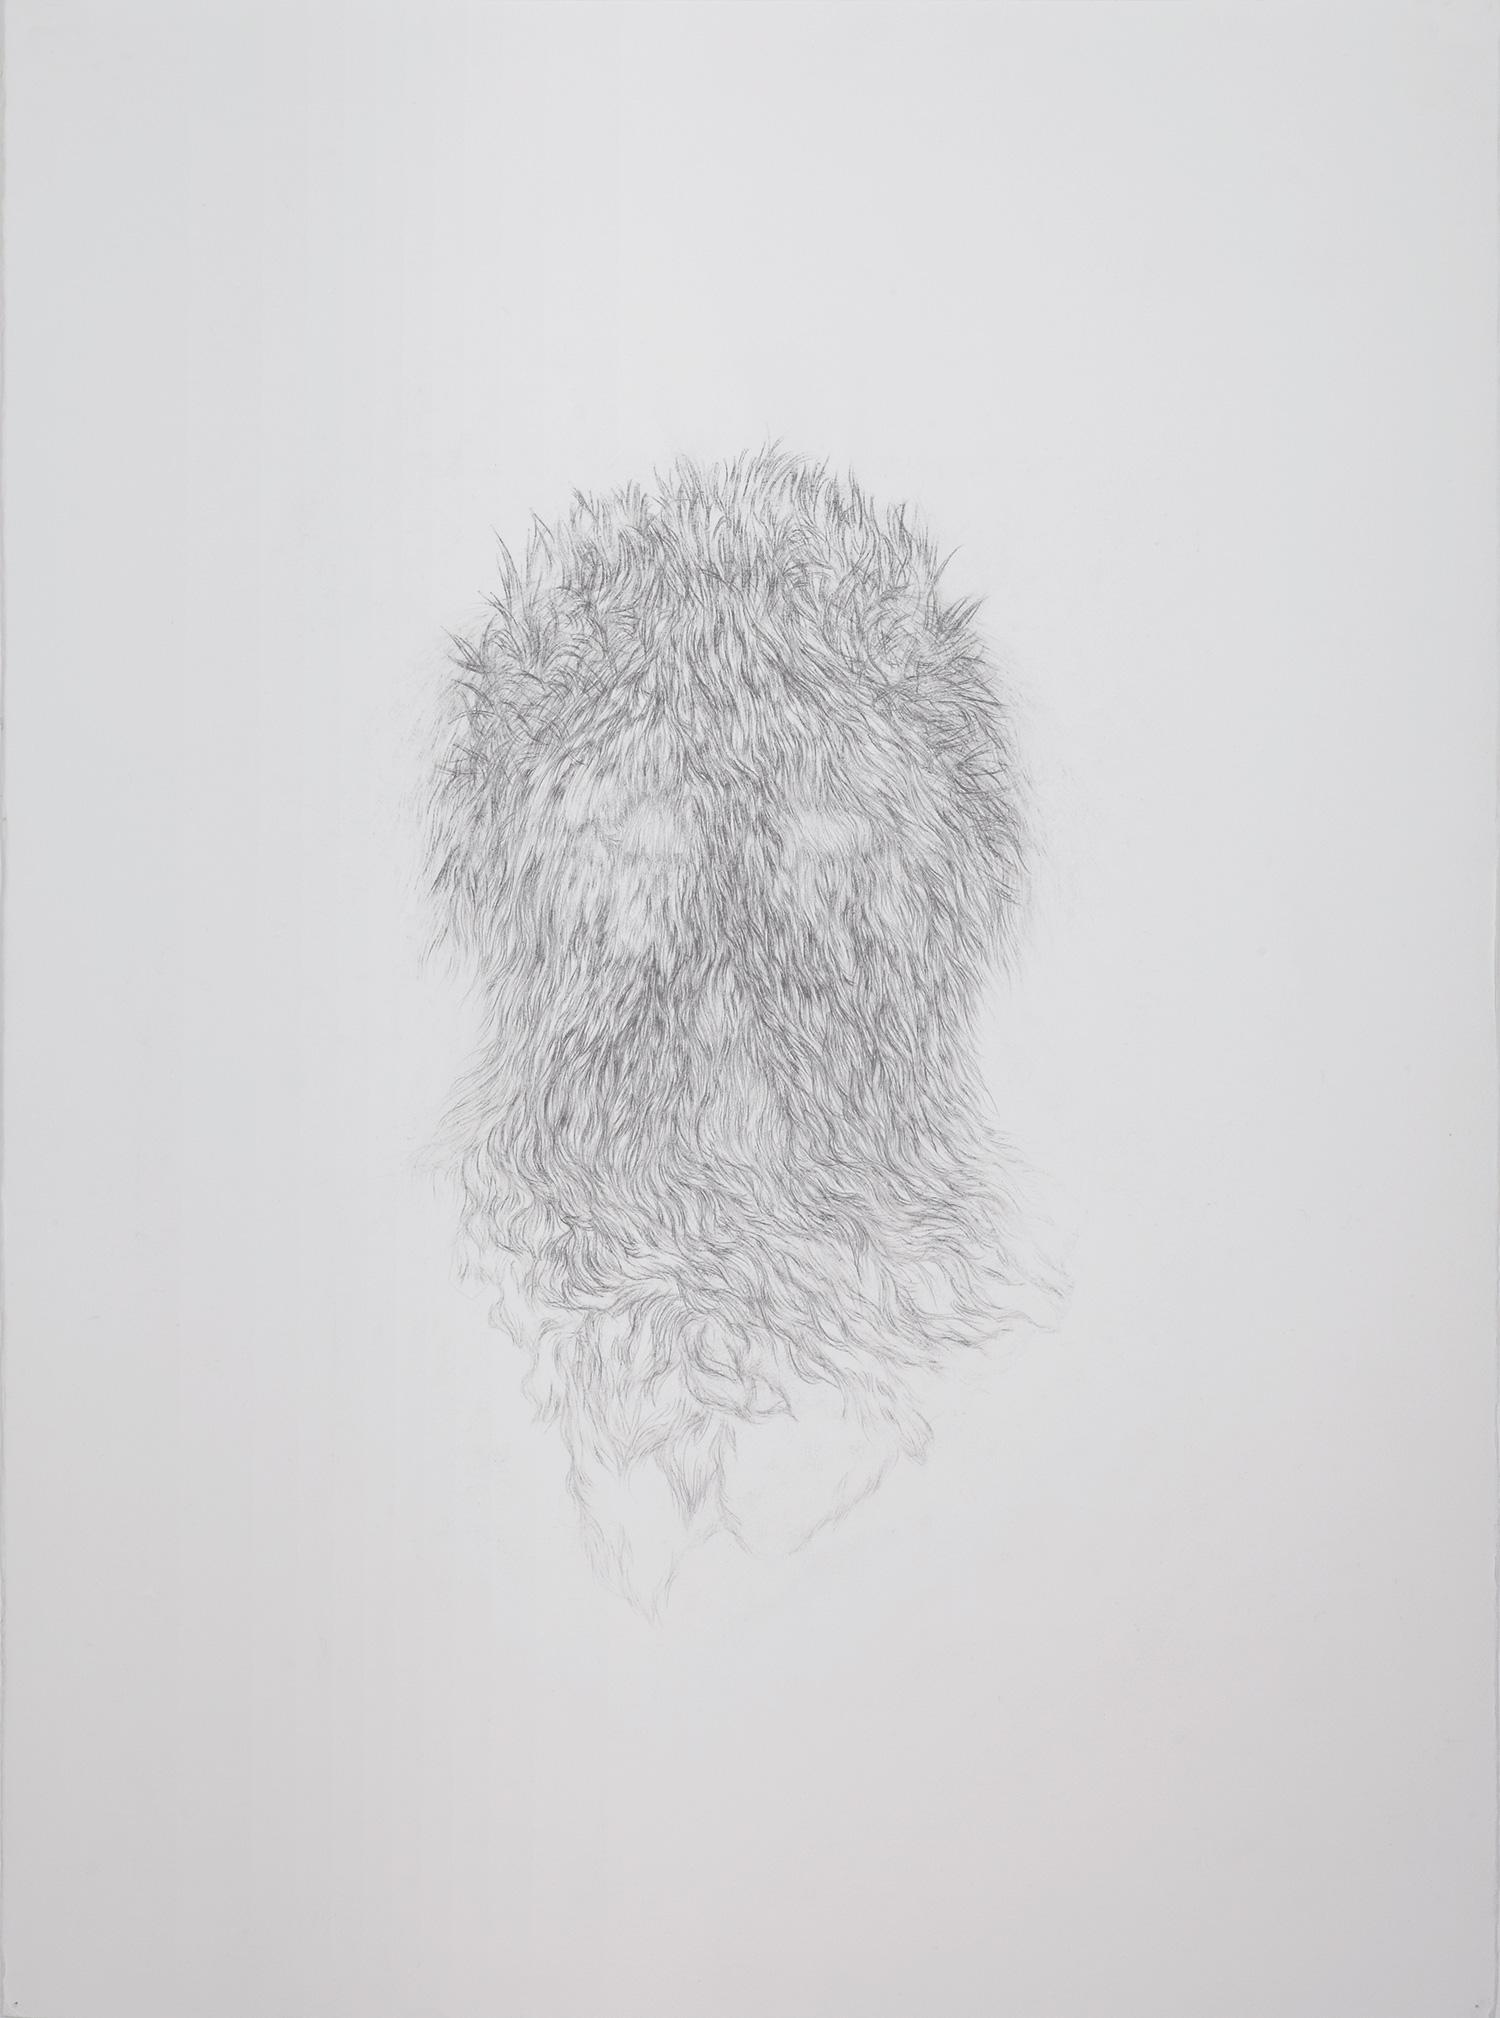 <i>Derrière les secrets (sauvage)</i>, 2013, graphite, 80x60cm